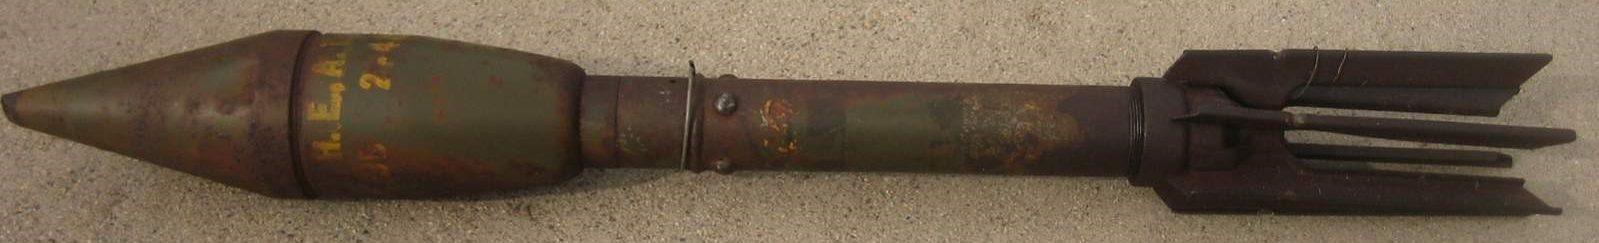 Реактивная граната M-6A1